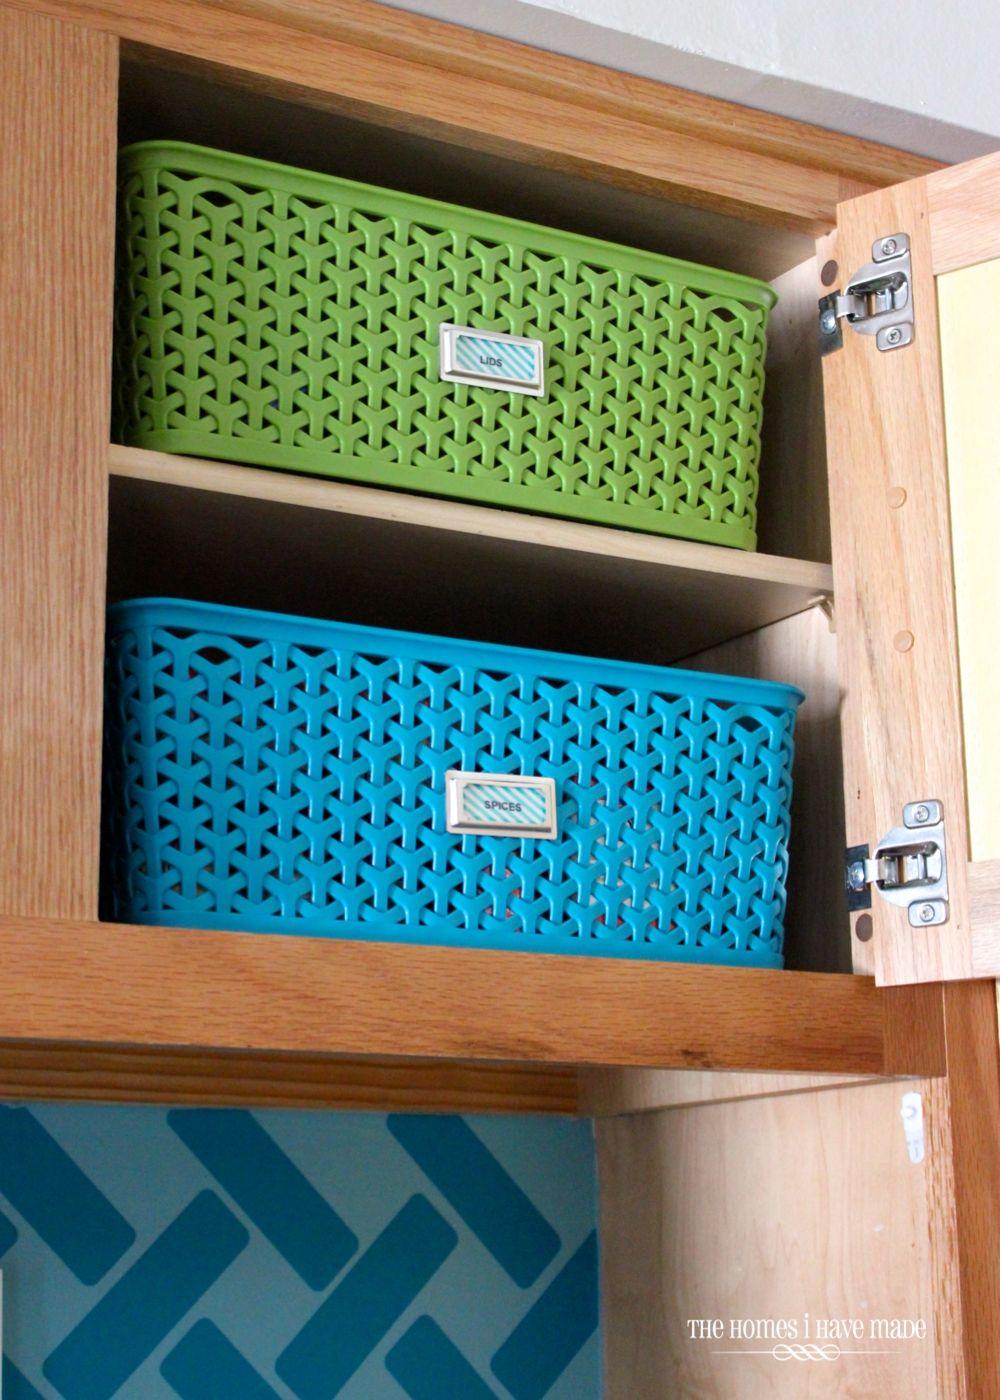 Storage Ideas for Little Upper Cabinets   Pinterest   Storage ideas ...